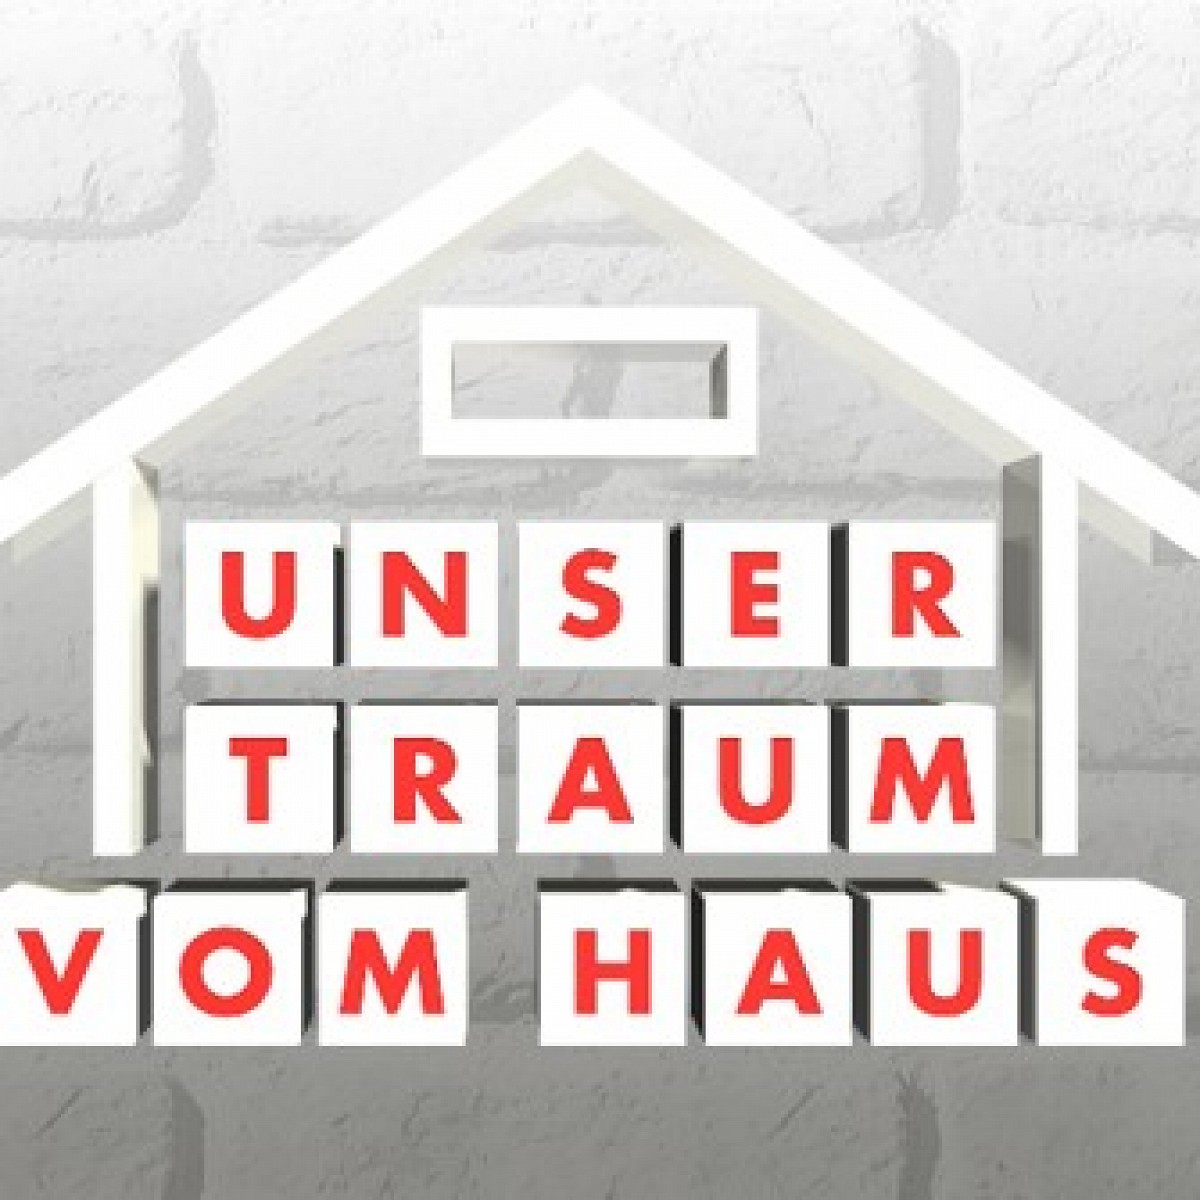 Vox Zeigt Neue Folgen Von Unser Traum Vom Haus Und Ab In Die Ruine Beide Doku Soaps Kehren Mitte November Zuruck Tv Wunschliste